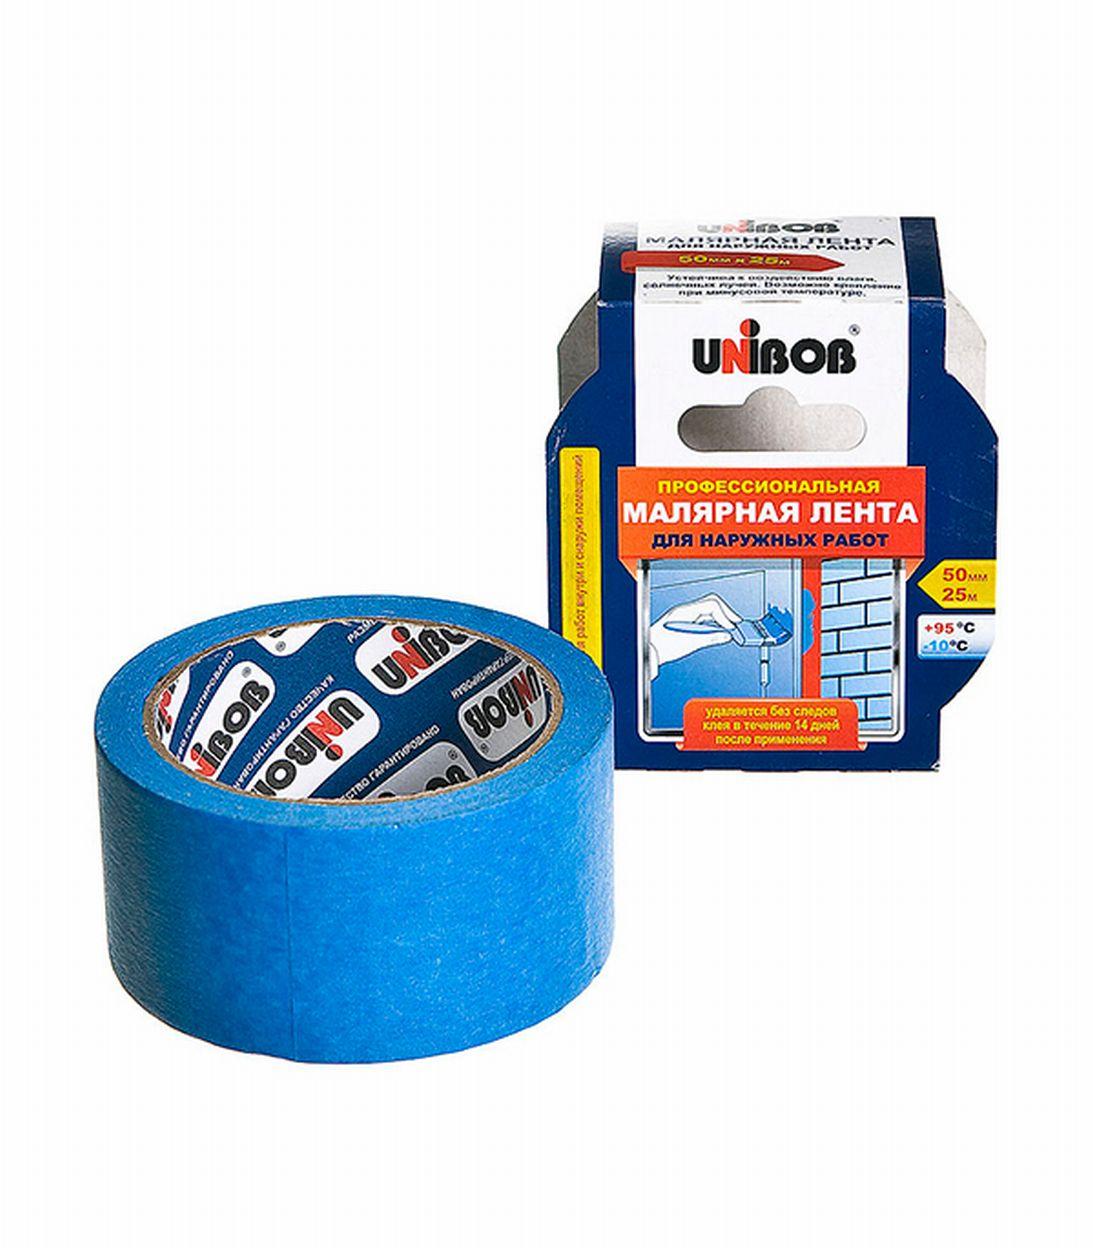 Лента малярная Unibob для наружных работ синяя 50 мм х 25 м лента малярная unibob 50 мм х 50 м